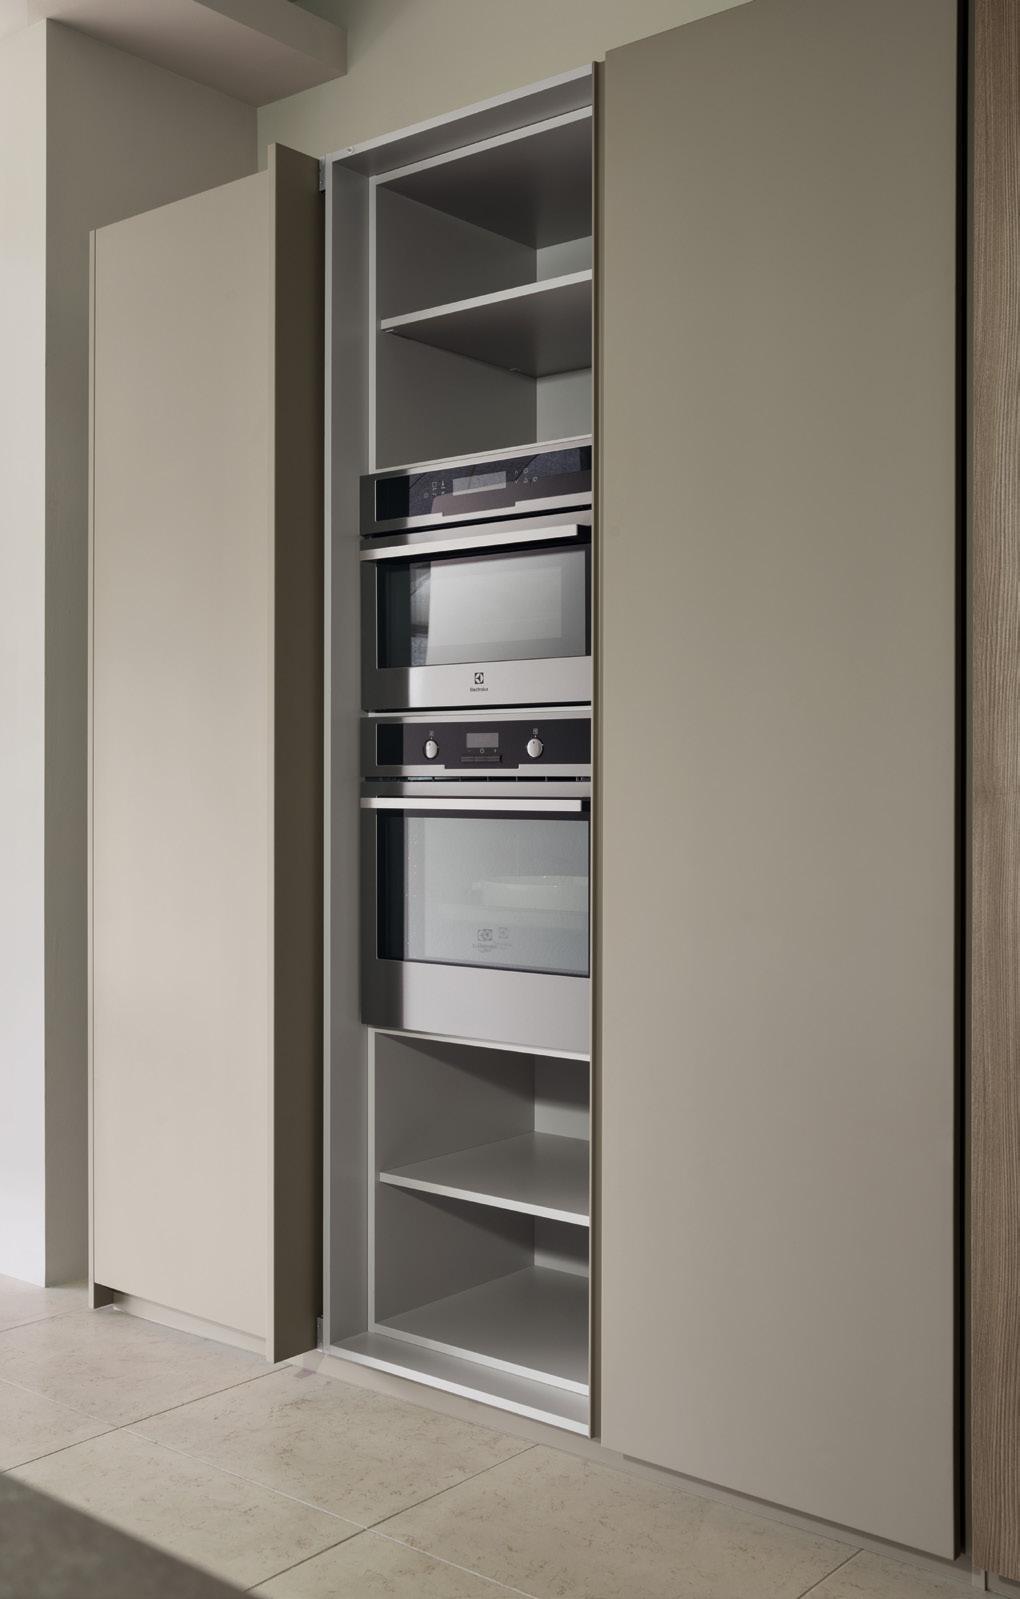 Wunderbar Küchendesigner Ma Ideen - Ideen Für Die Küche Dekoration ...